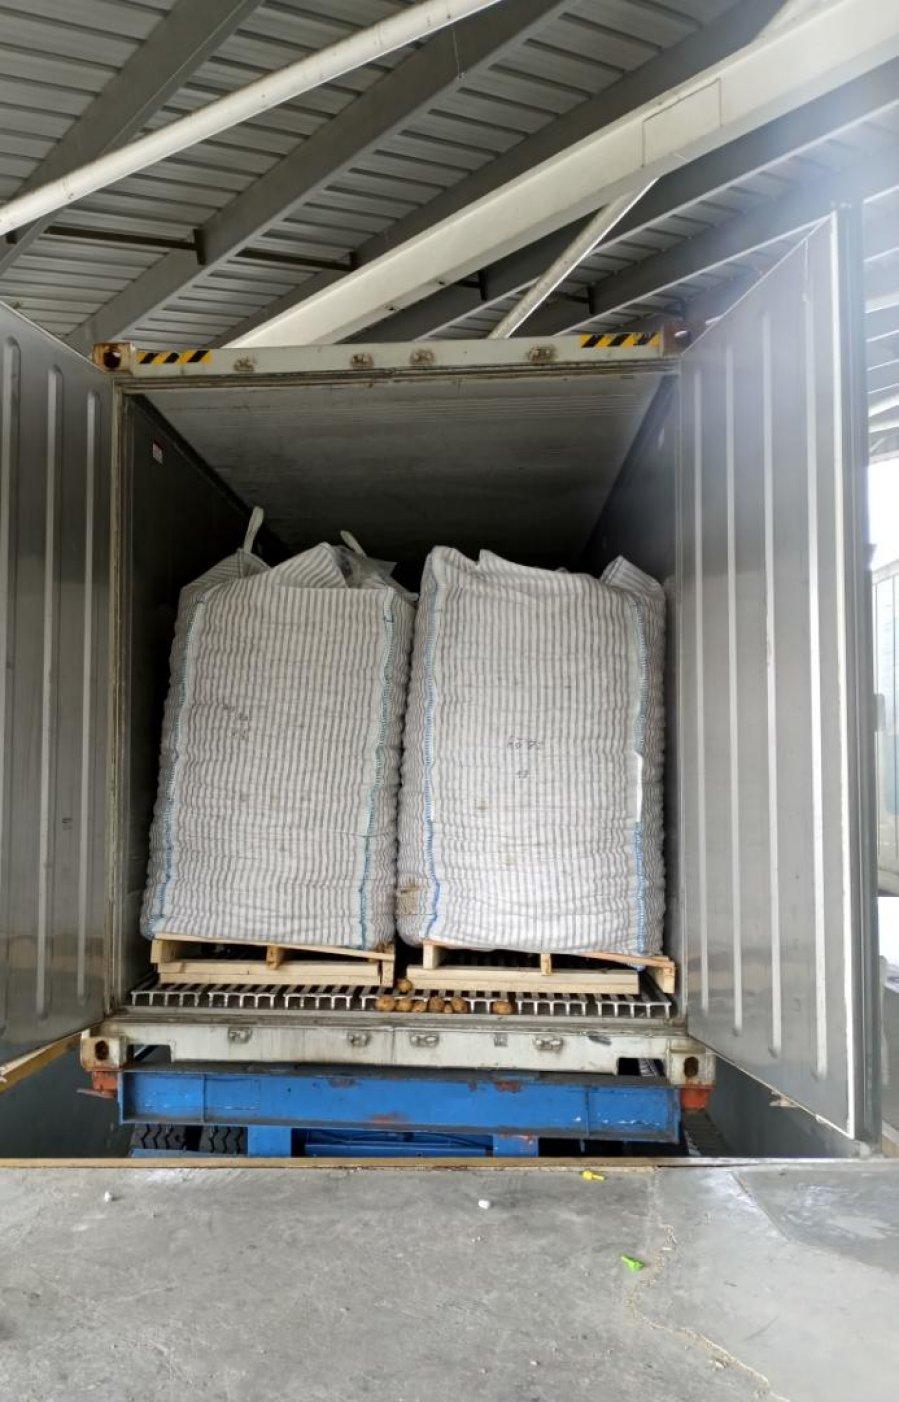 截查走私货柜 充公12万6400公斤德国马铃薯